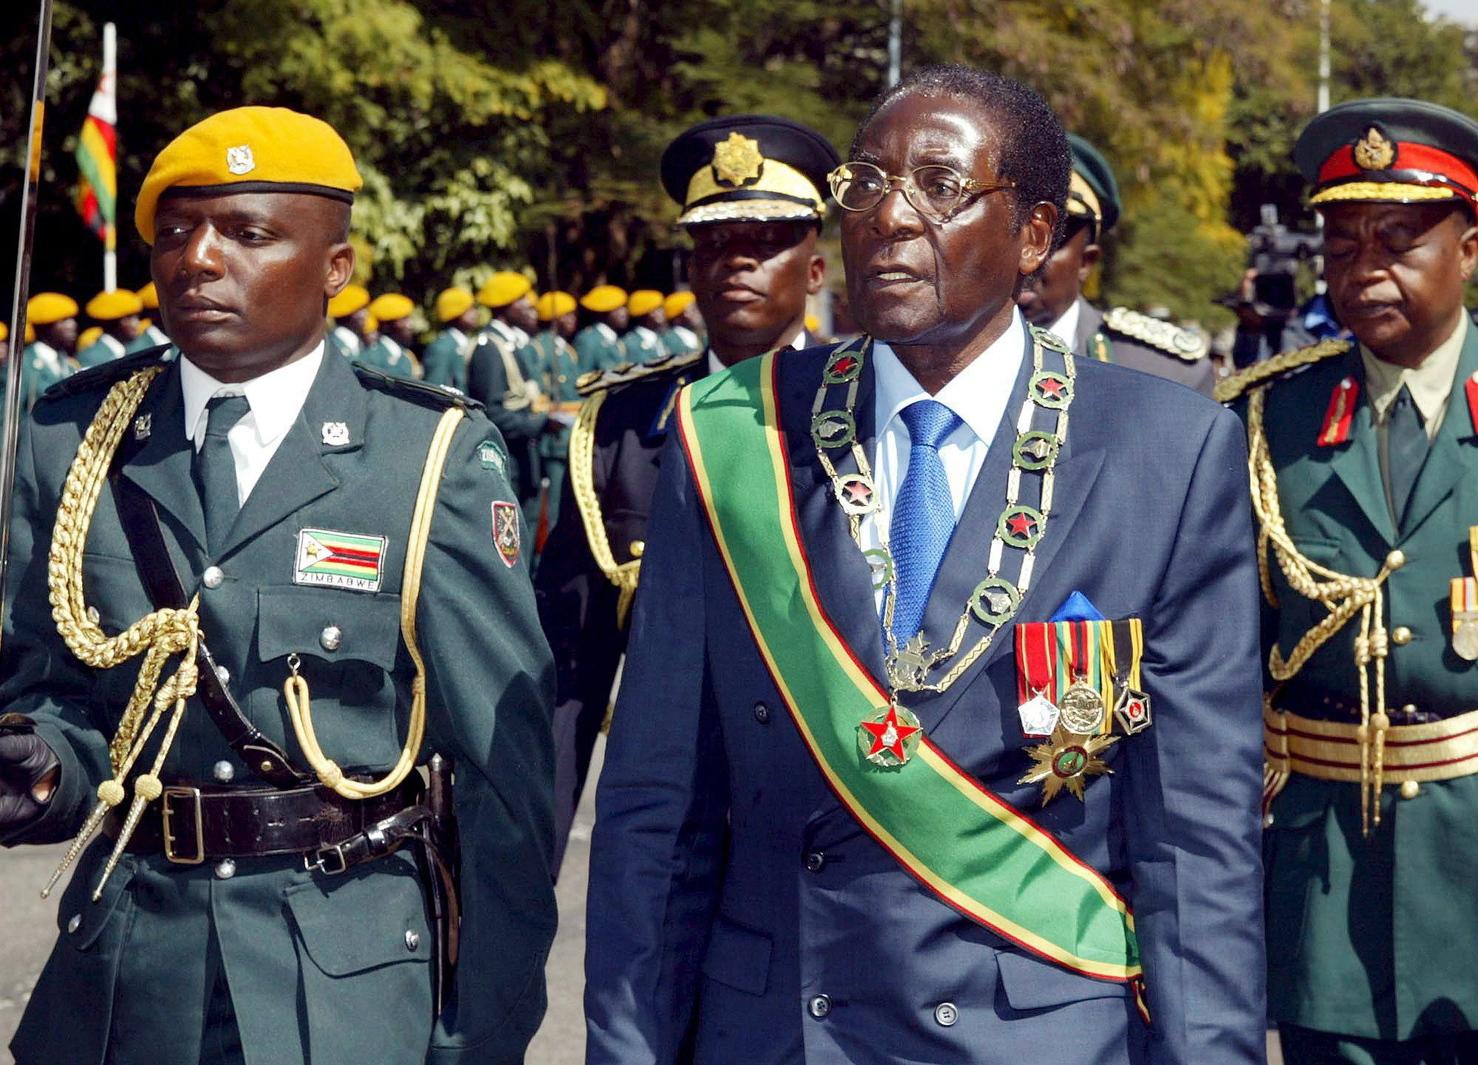 Harare, 2007. július 24. Robert MUGABE zimbabwei elnök (j) ellép a díszőrség előtt 2007. július 24-én a parlament harmadik ülésszakának hivatalos megnyitóján. Mugabe kijelentette: célja továbbra is a világ legmagasabb inflációjával küszködő ország kis- és nagykereskedelmi árainak letörése, nem pedig az áruhiány fokozása. (MTI/EPA/BISHOP ASARE)